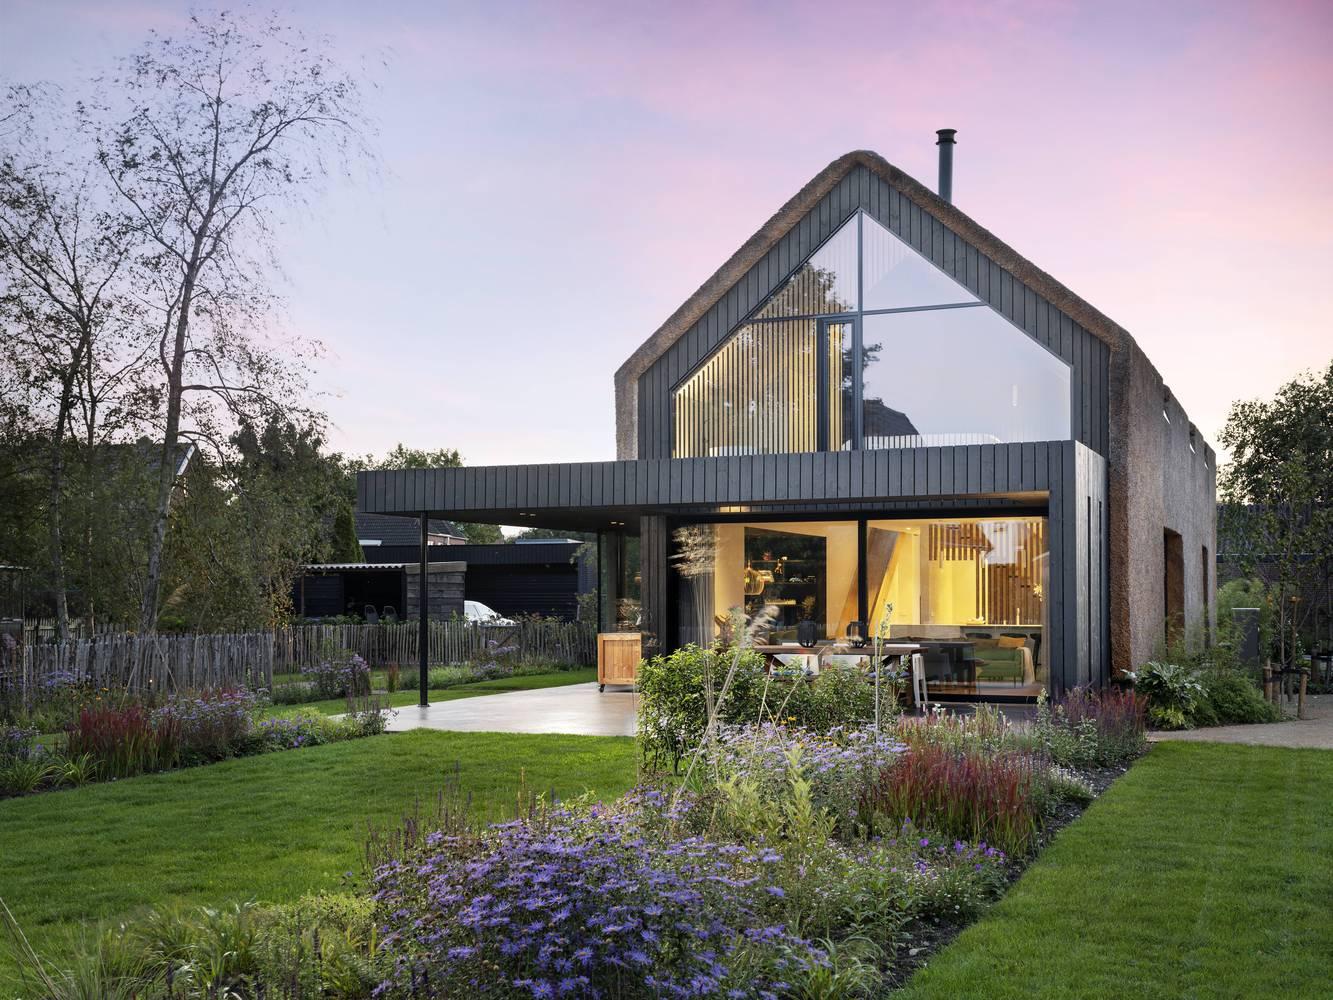 Conseils architecte intégrer végétation dans une habitation